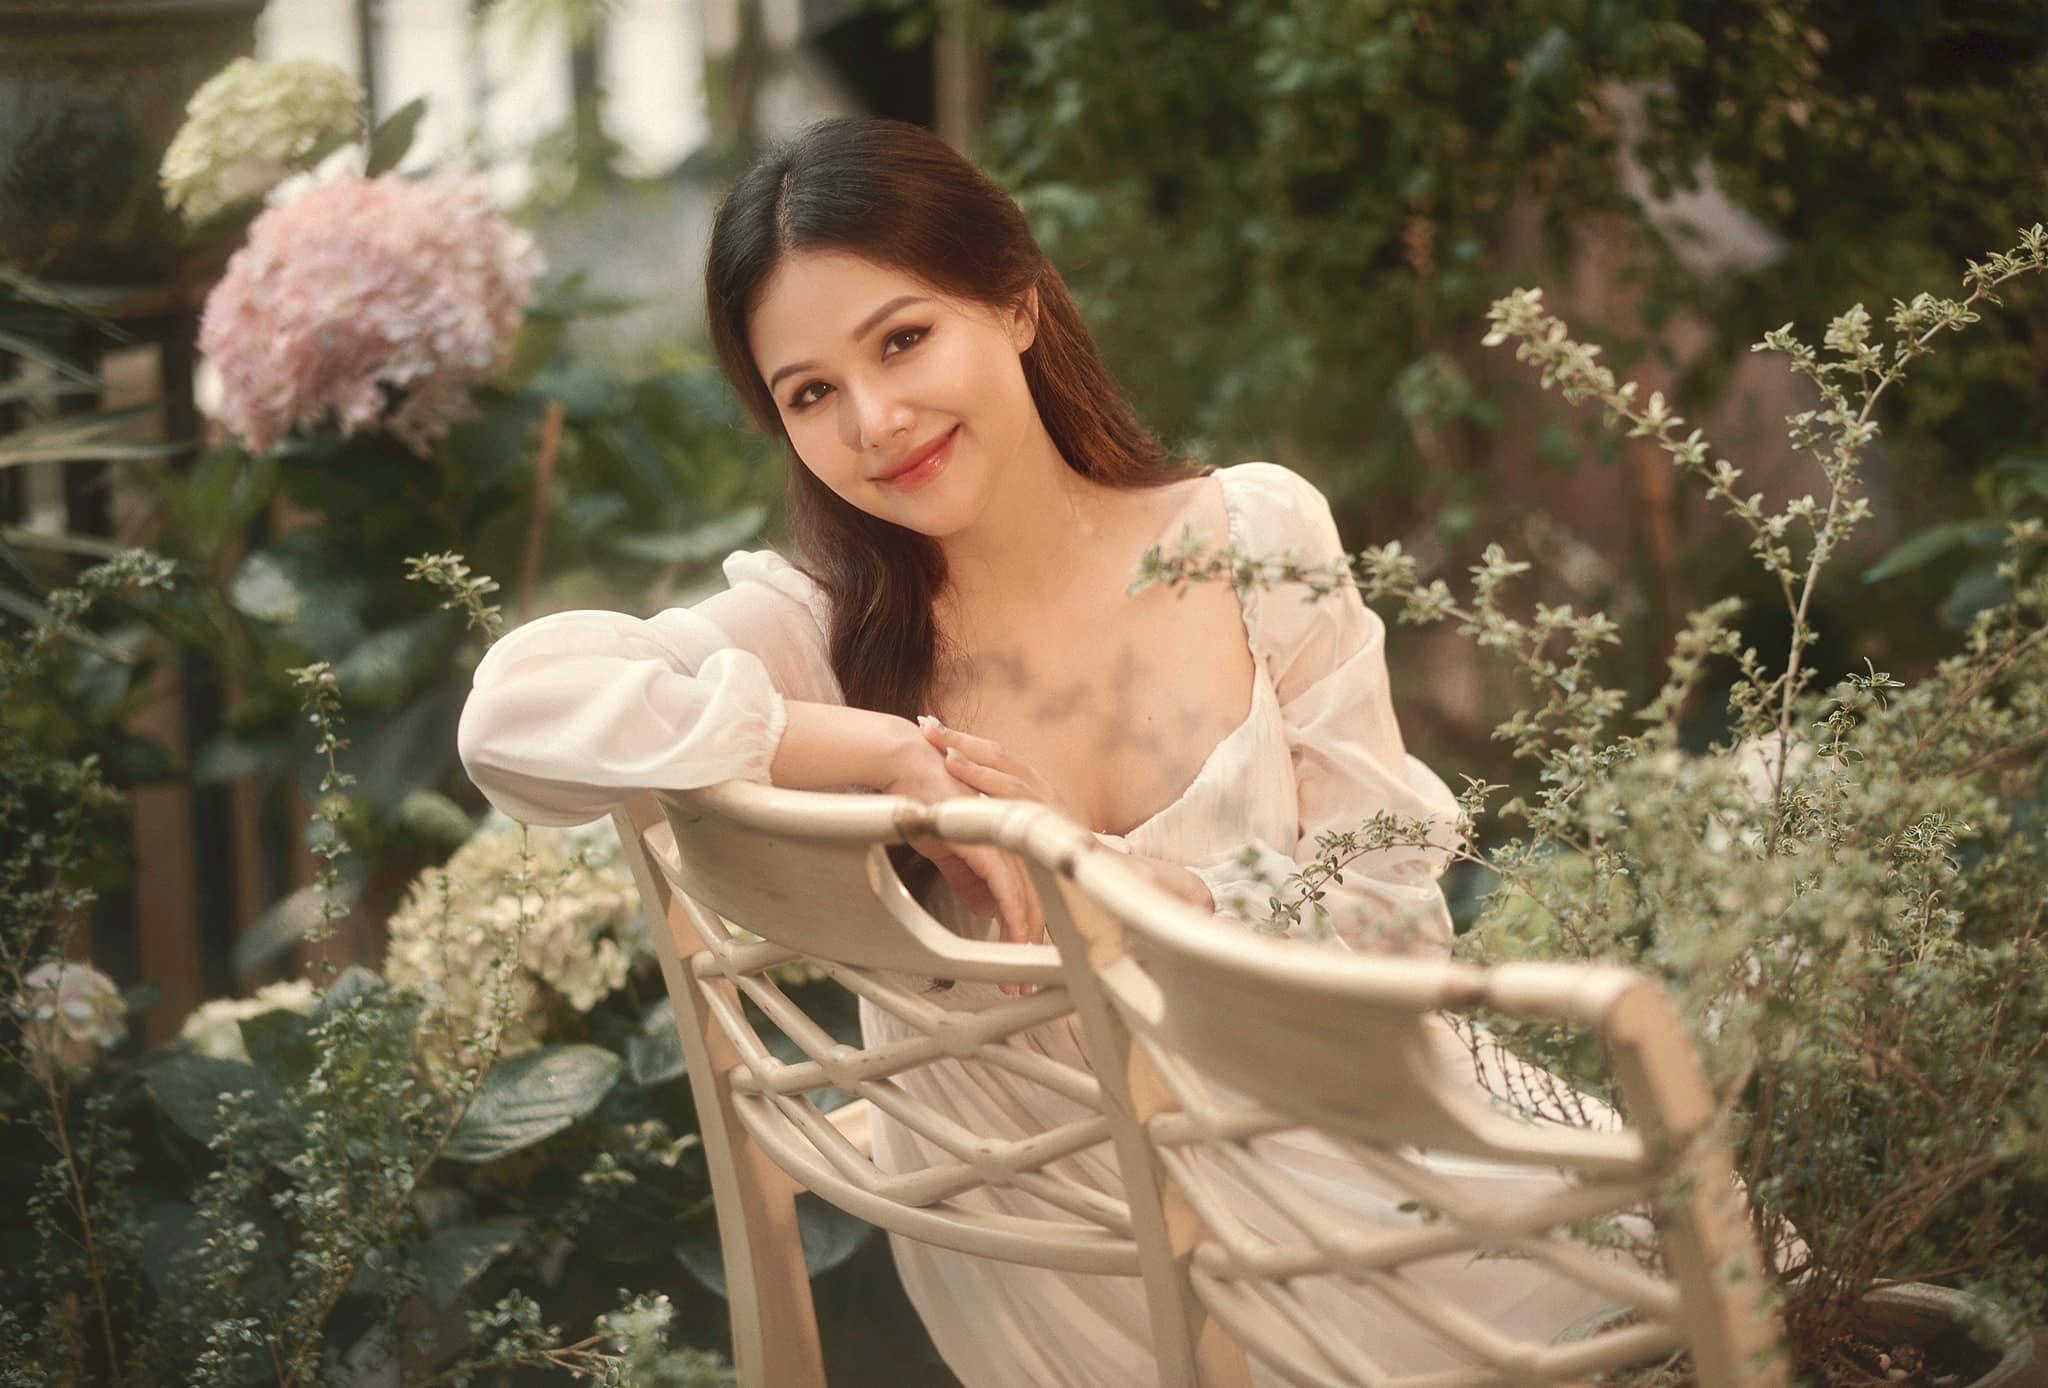 Diễn viên Phương Anh Lê mang thai con đầu lòng, tung bộ ảnh đẹp mê mẩn